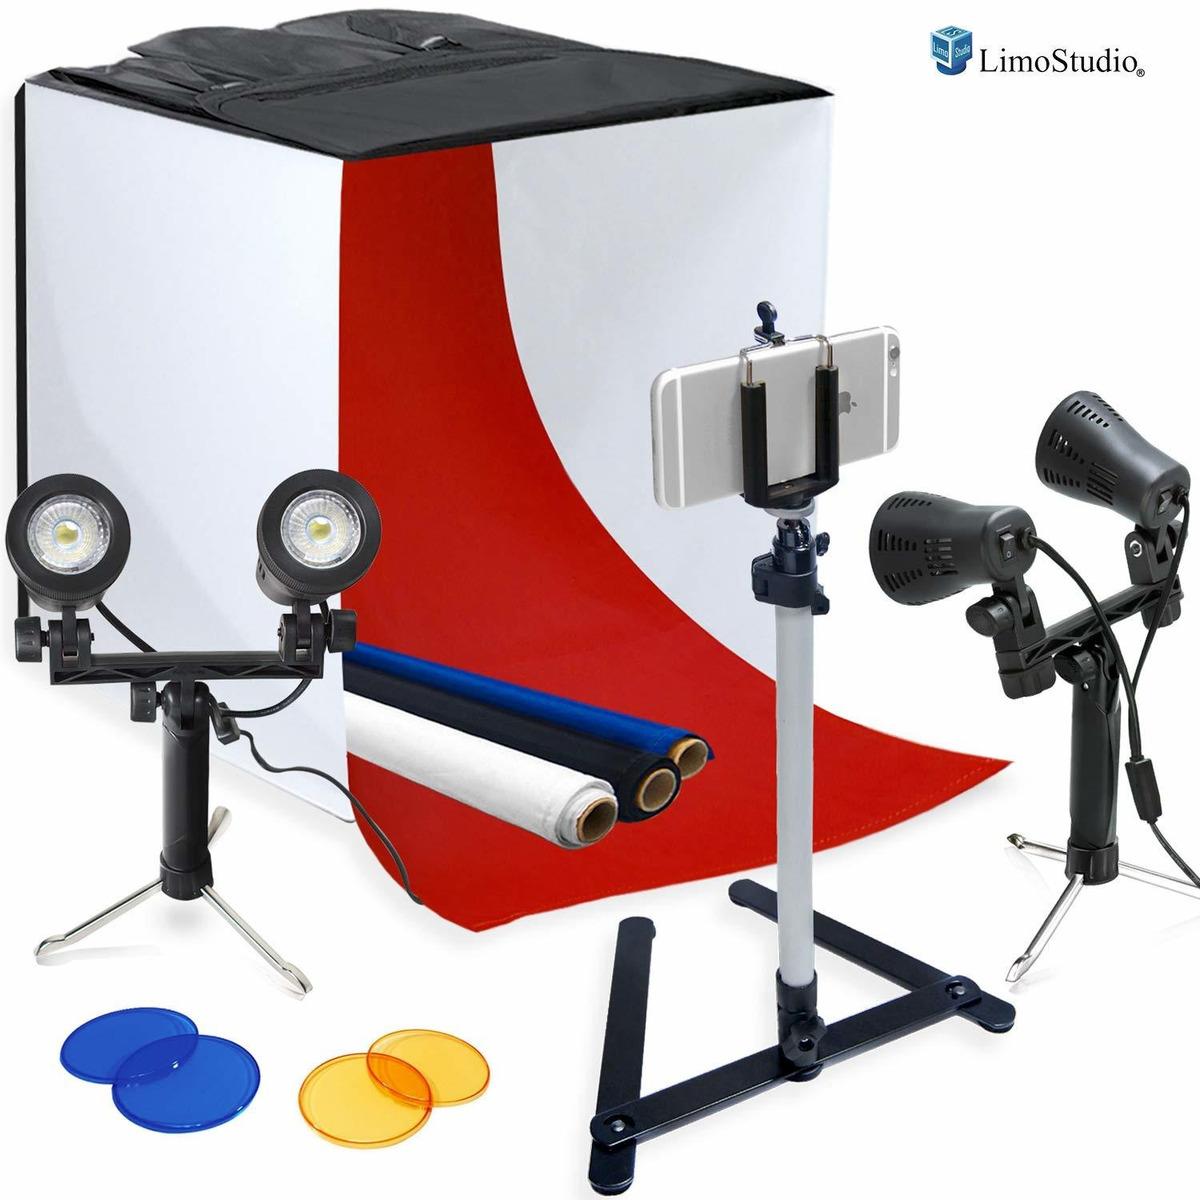 Foto luz carpa estudio fotográfico fotobox móvil foto carpa plegable con LEDs fondos 2